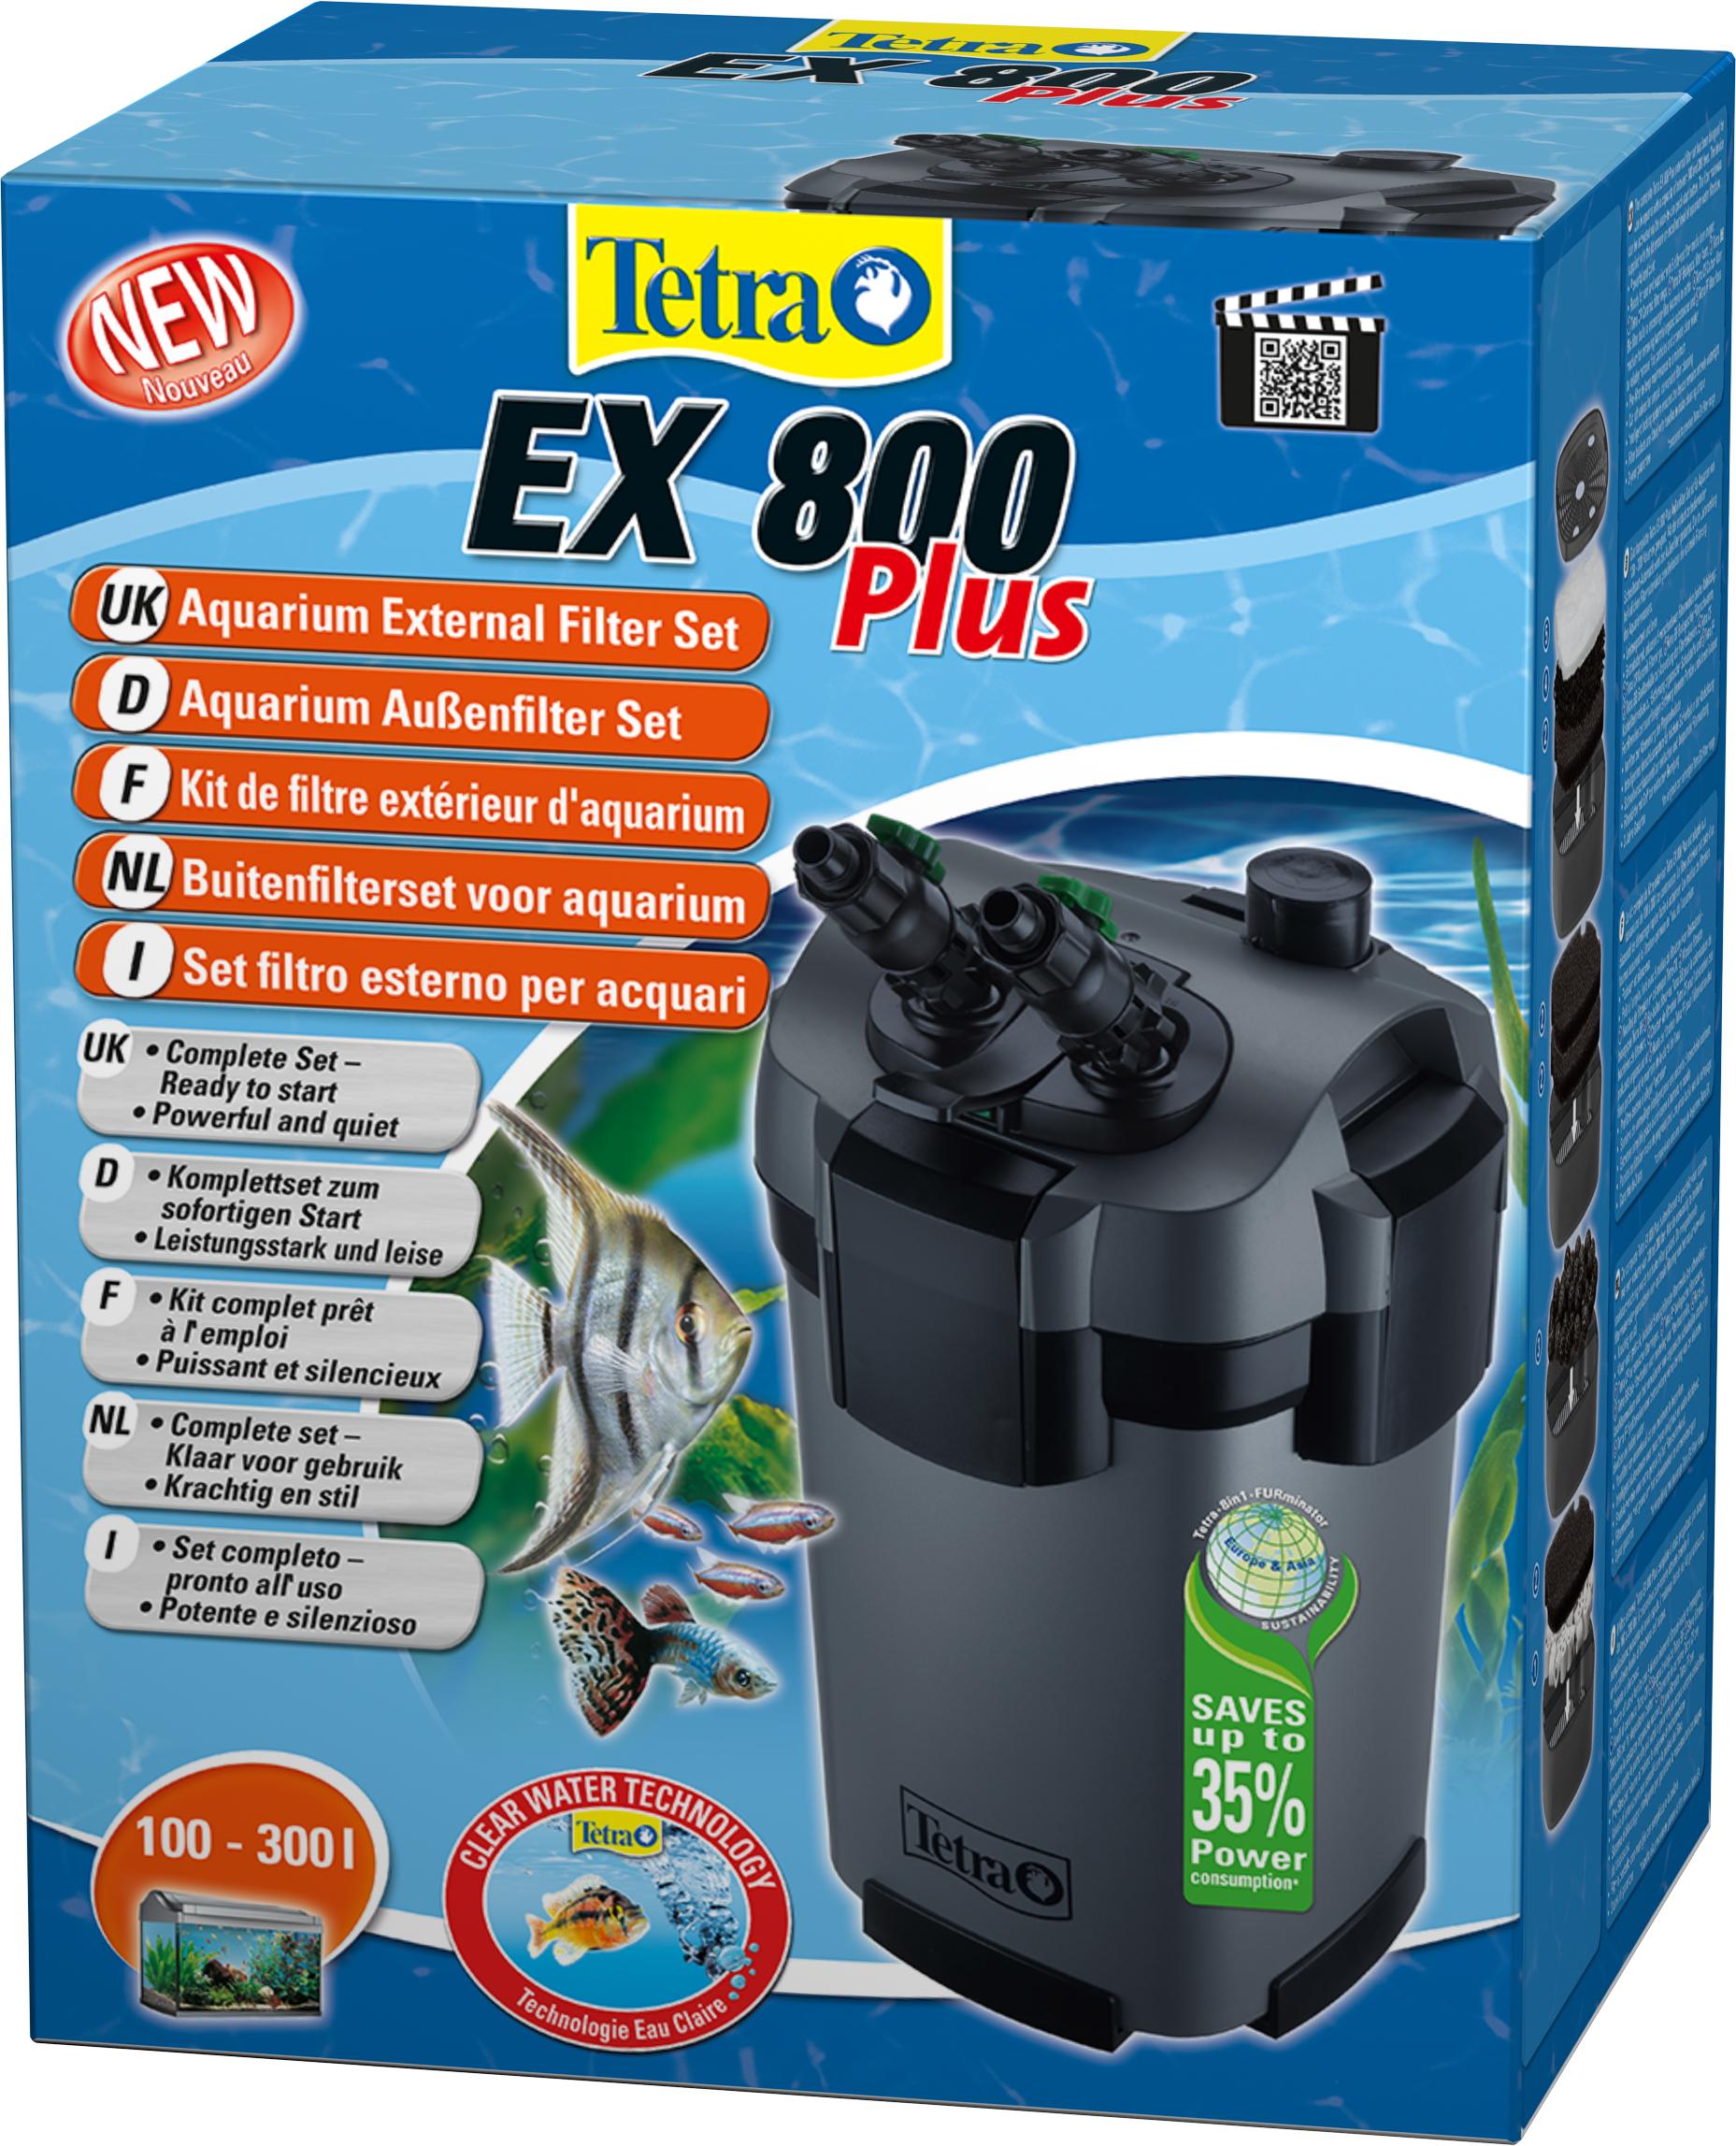 tetra-ex-800-plus-filtre-externe-aquarium